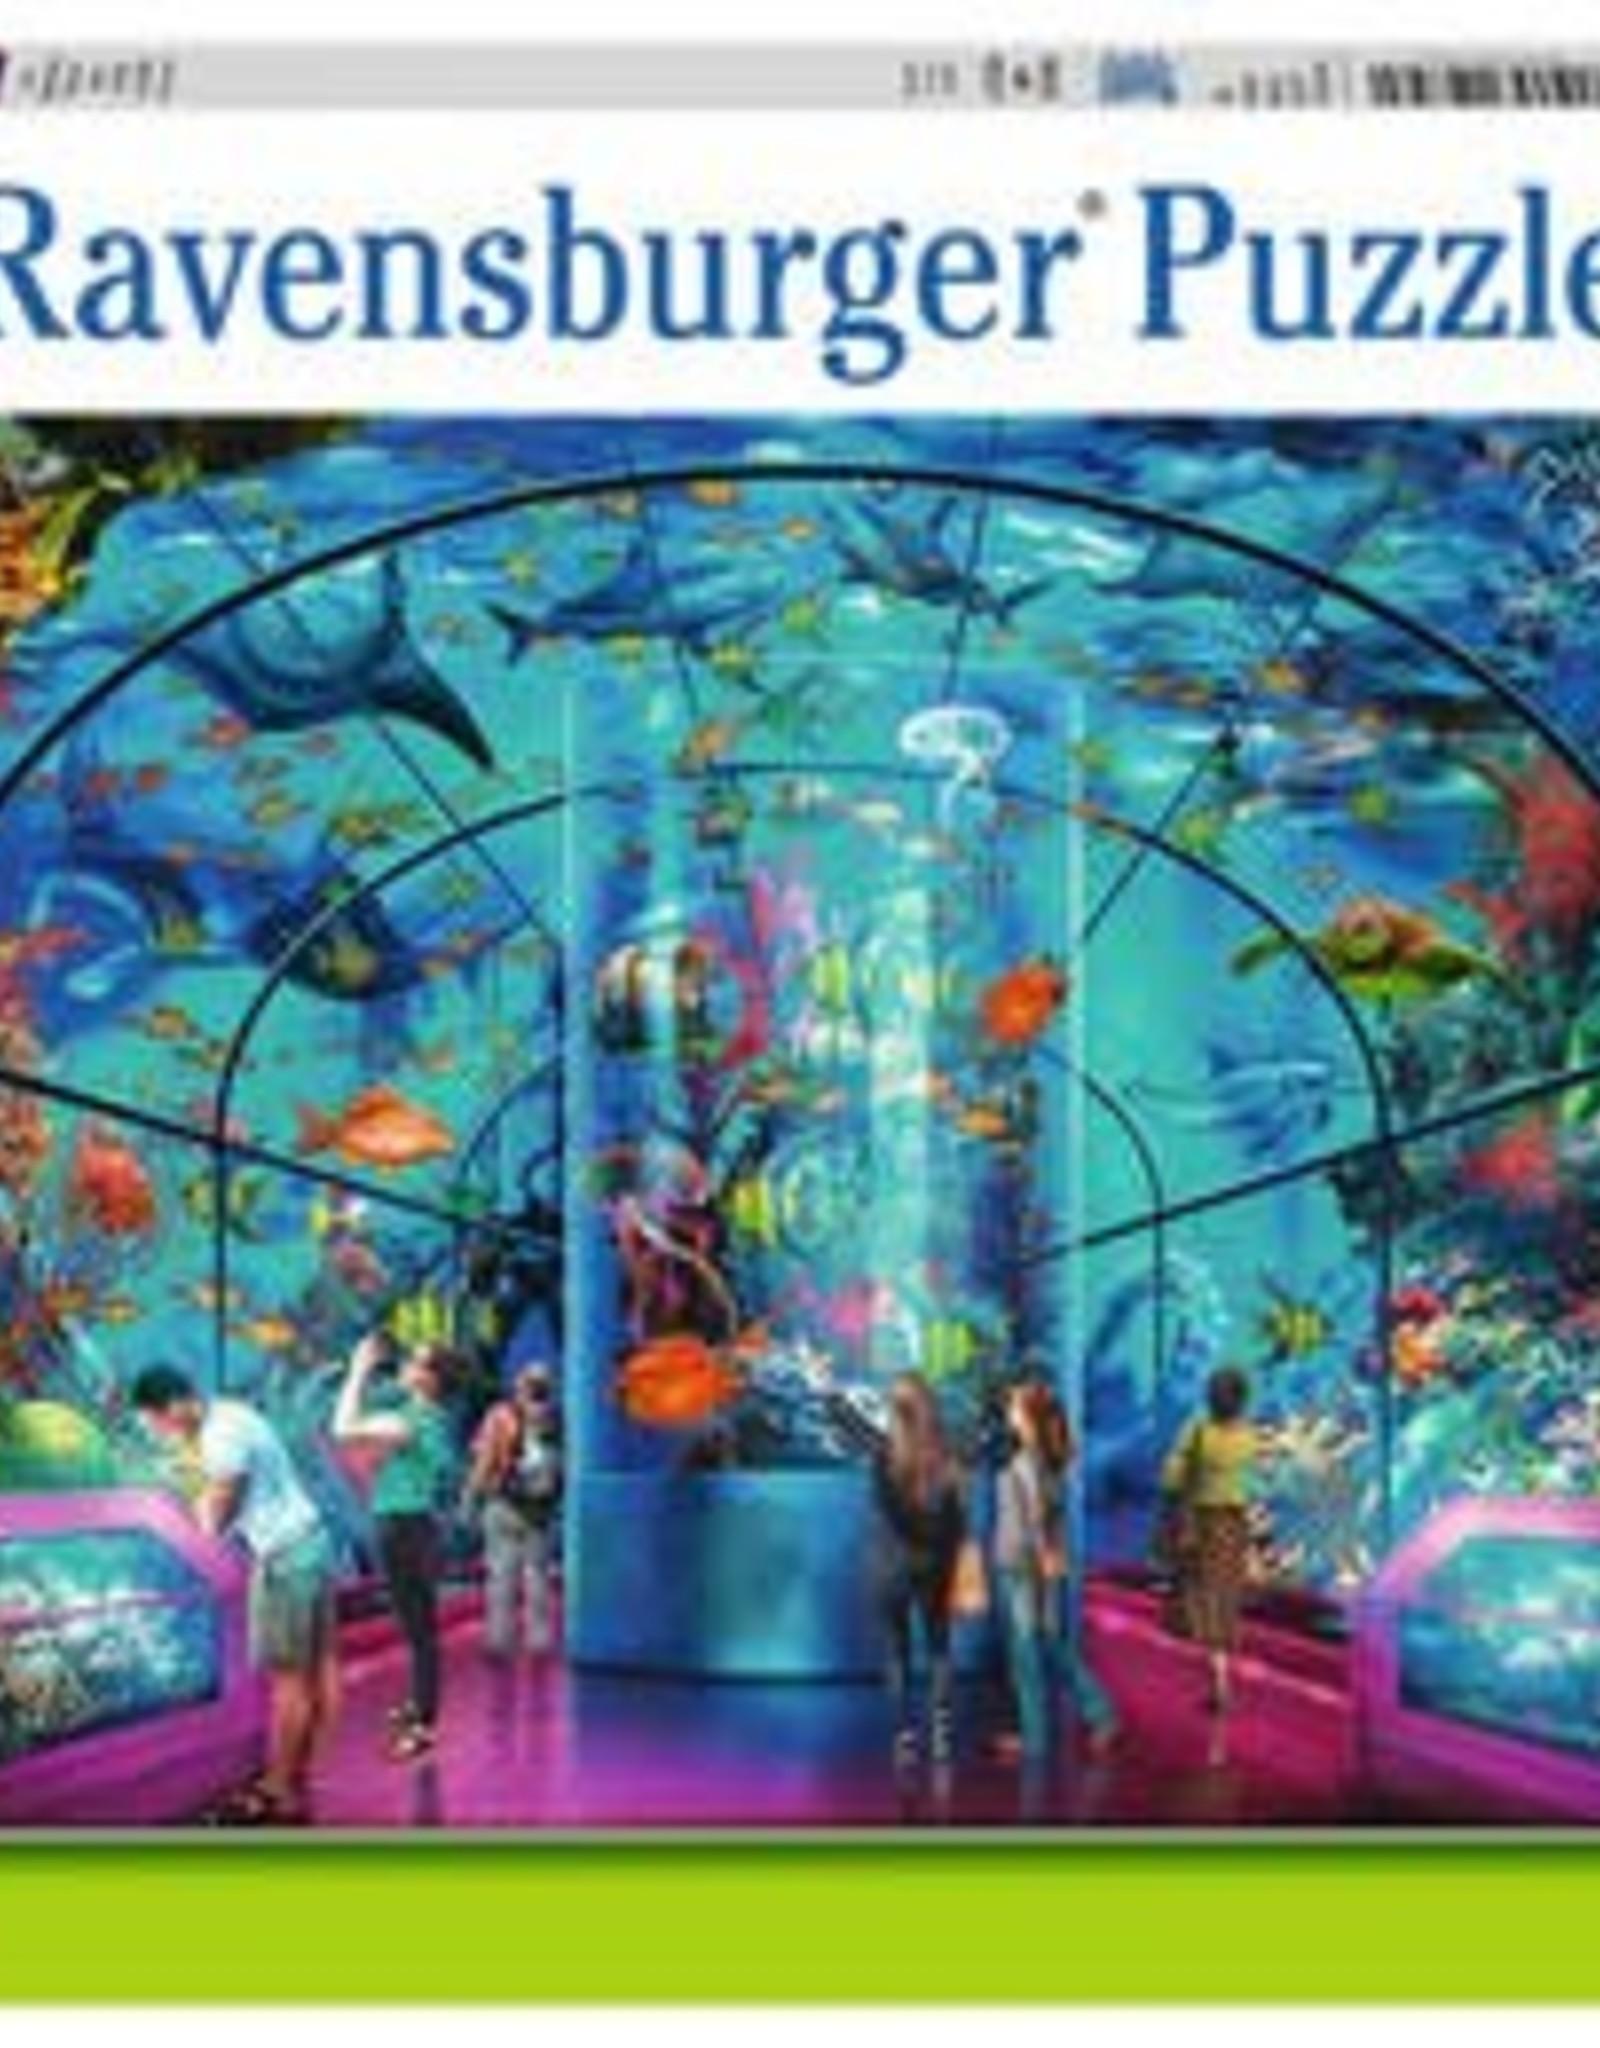 Ravensburger Aquatic Exhibition 200pc Puzzle